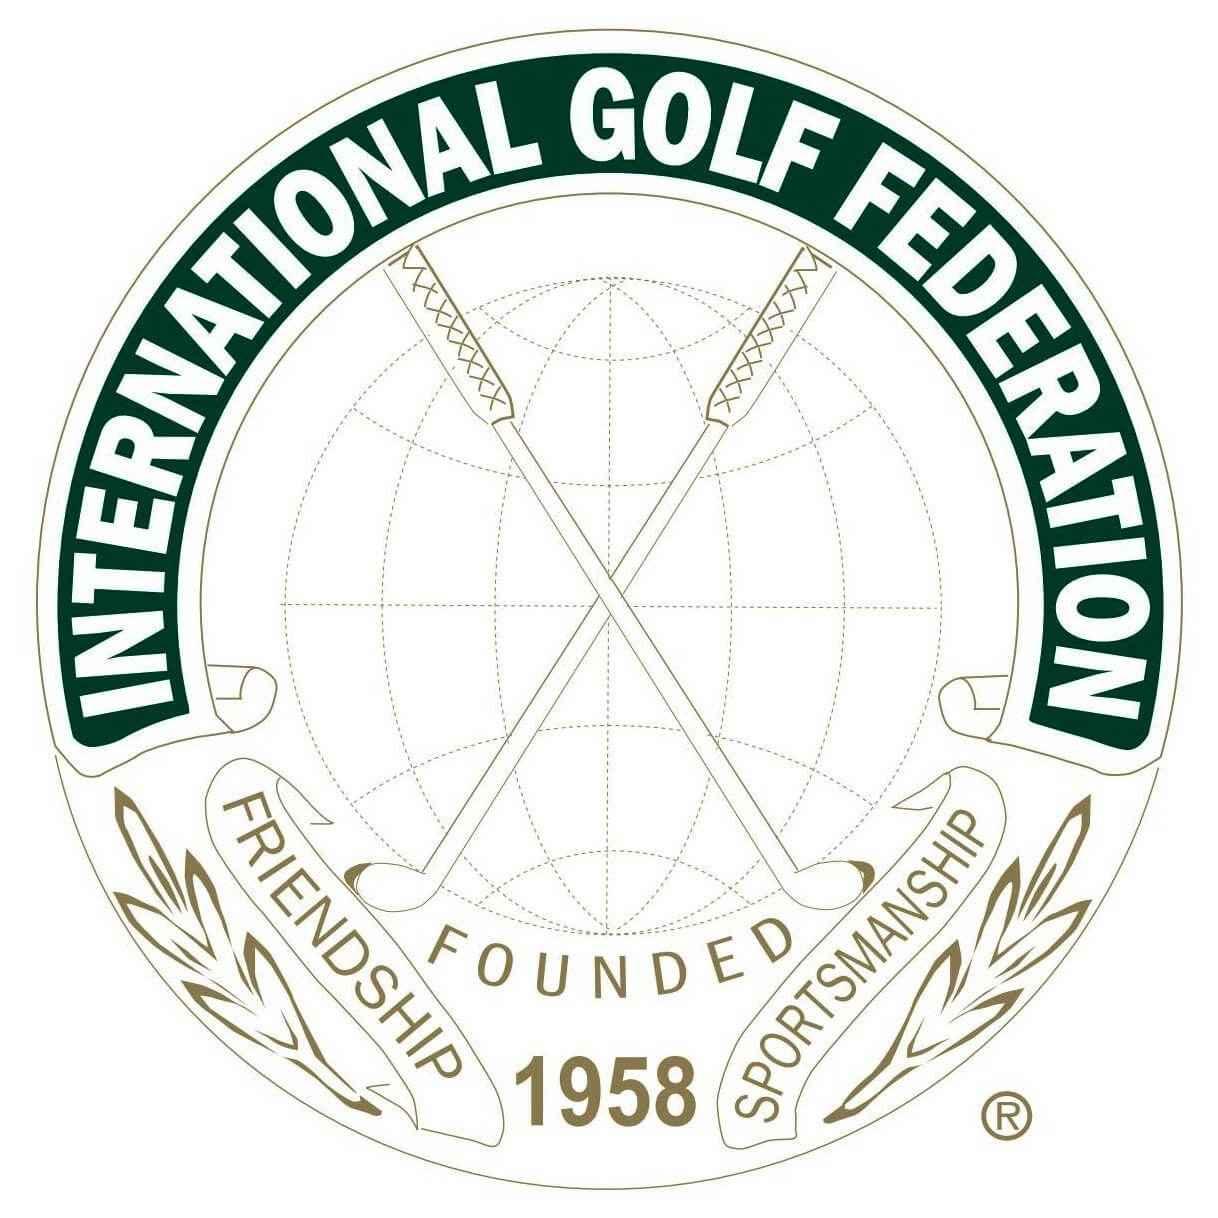 IGF International Golf Federation logo